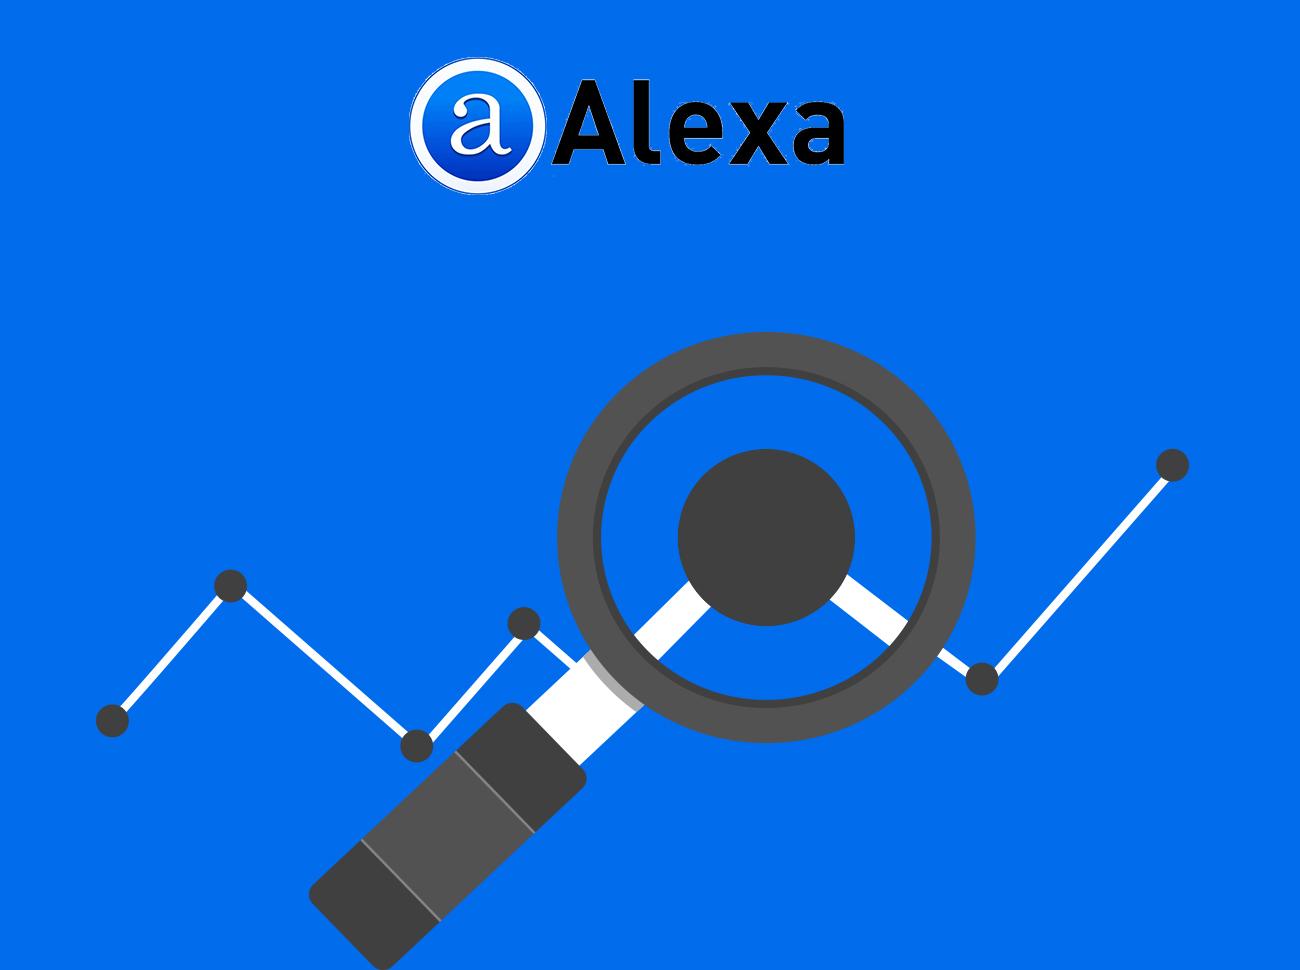 Alexa Nedir? Alexa Niye Önemlidir?